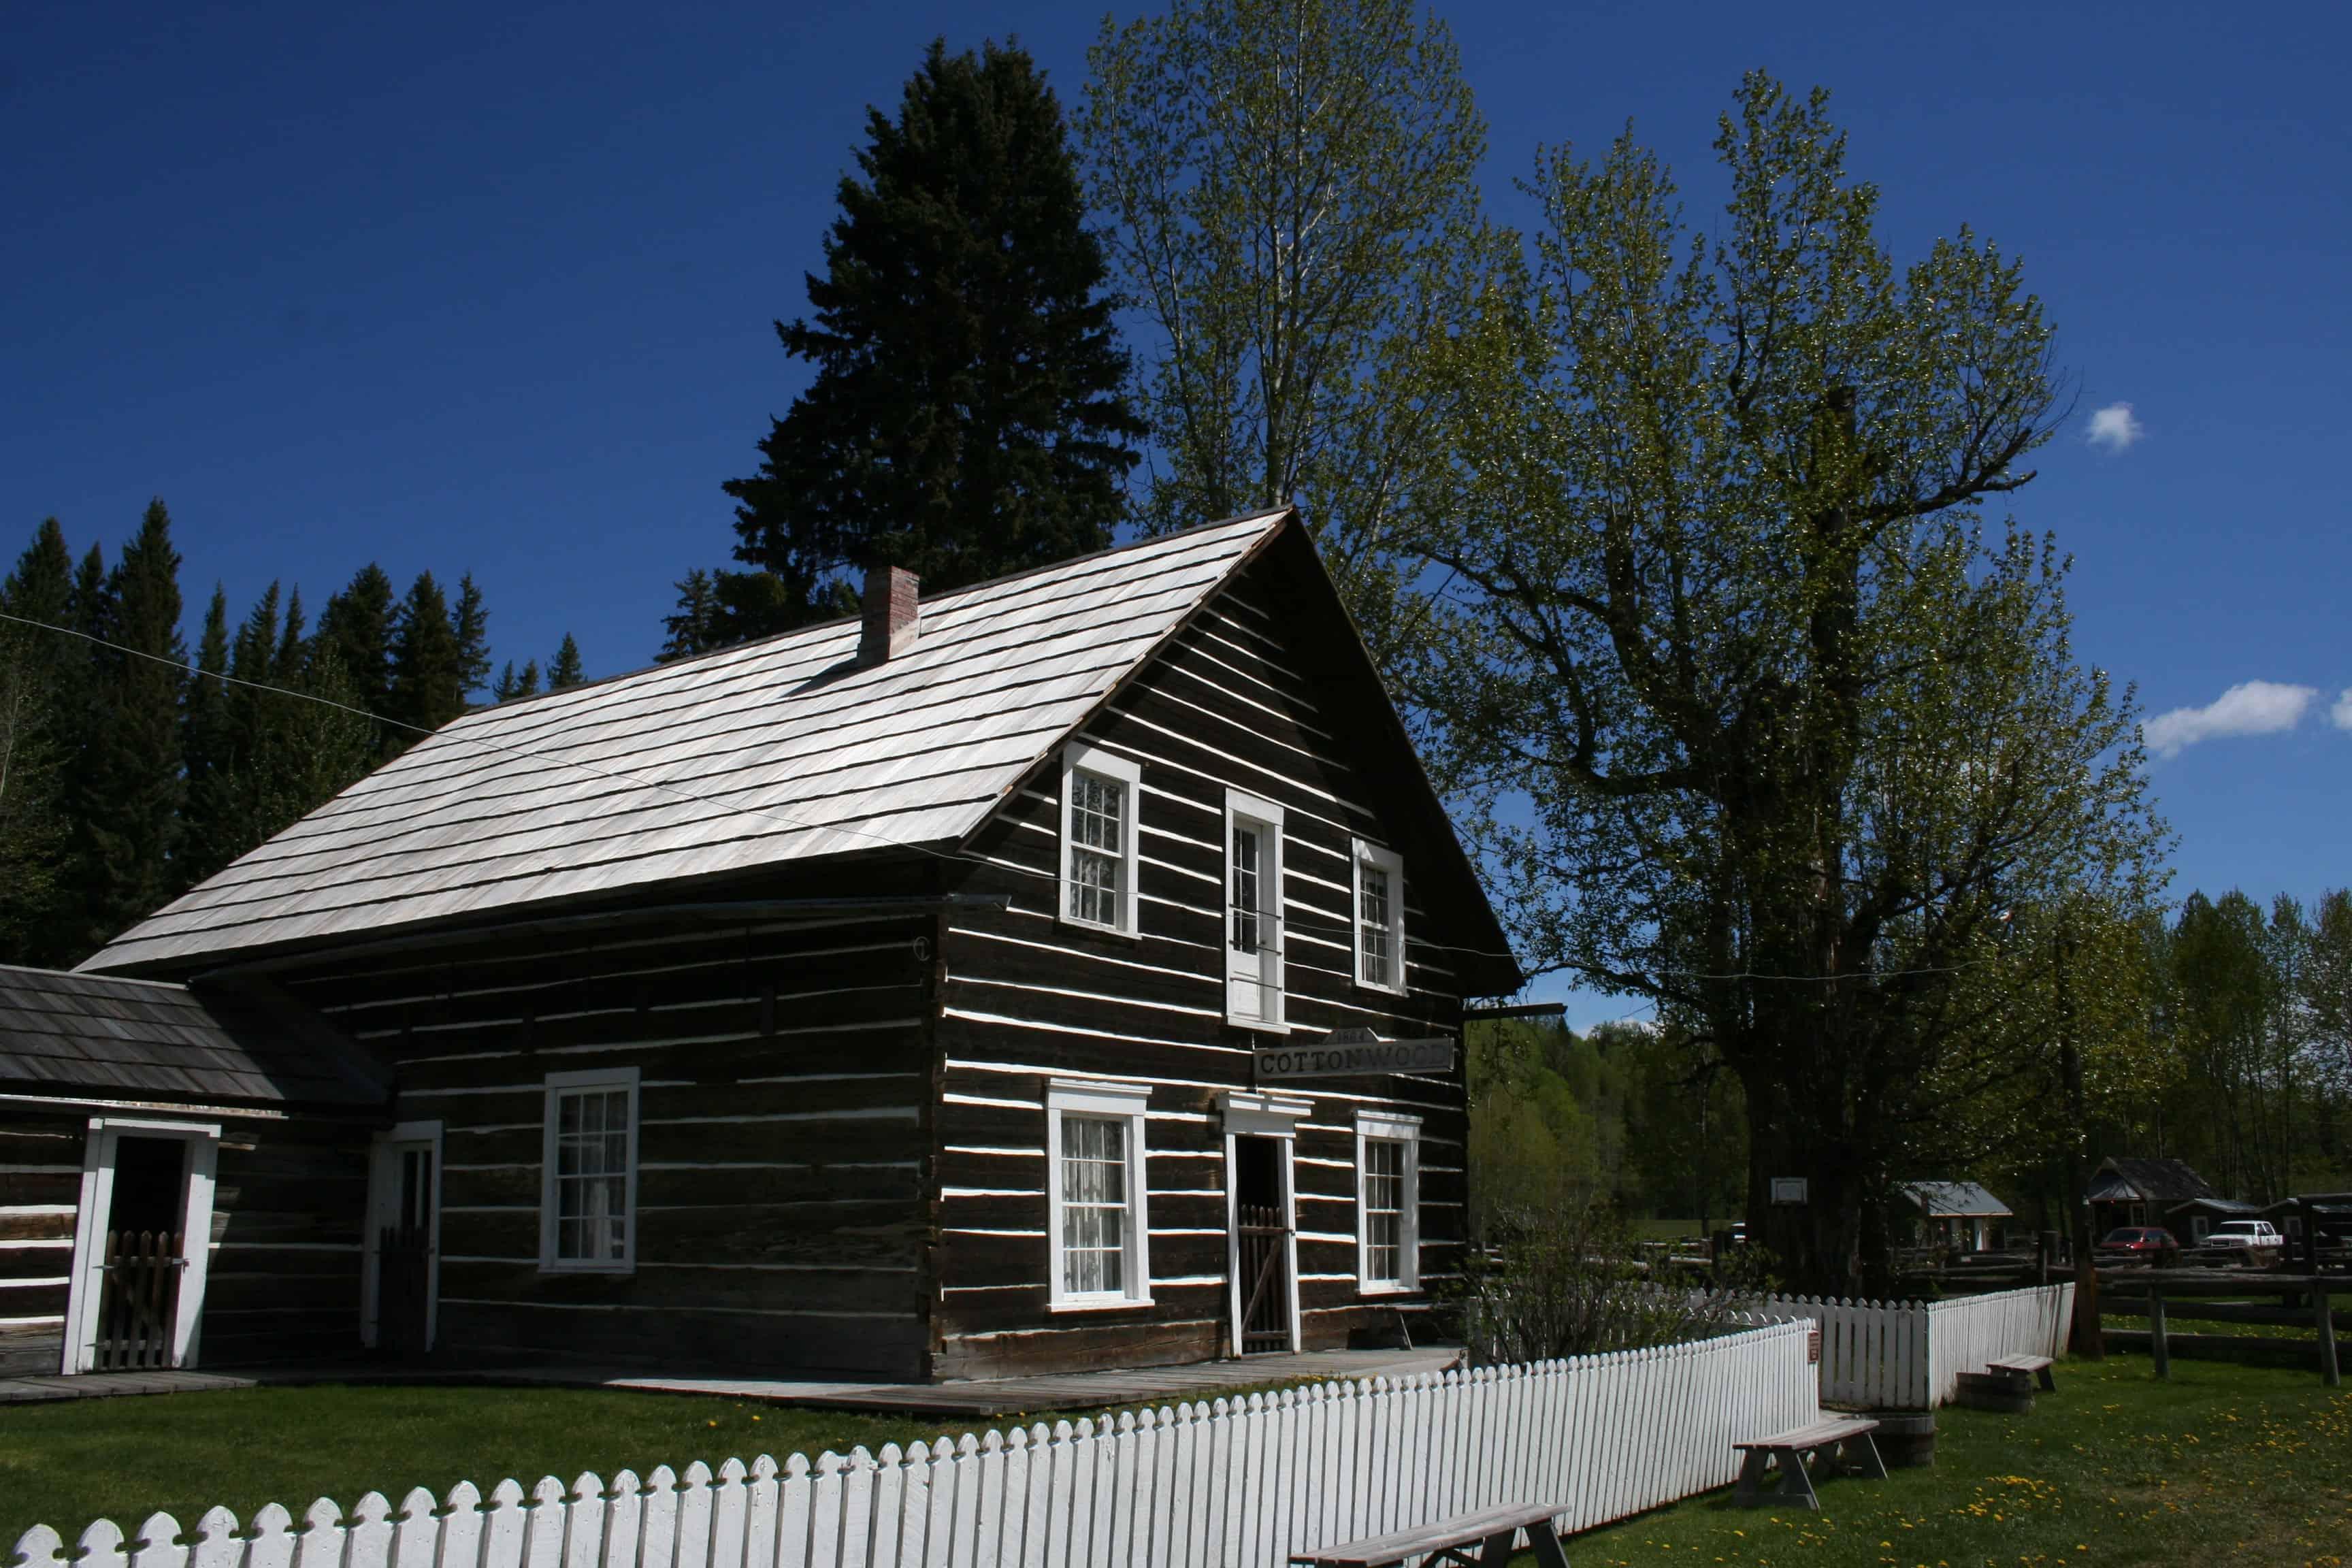 cottonwood house die verpflegungsstation im cariboo